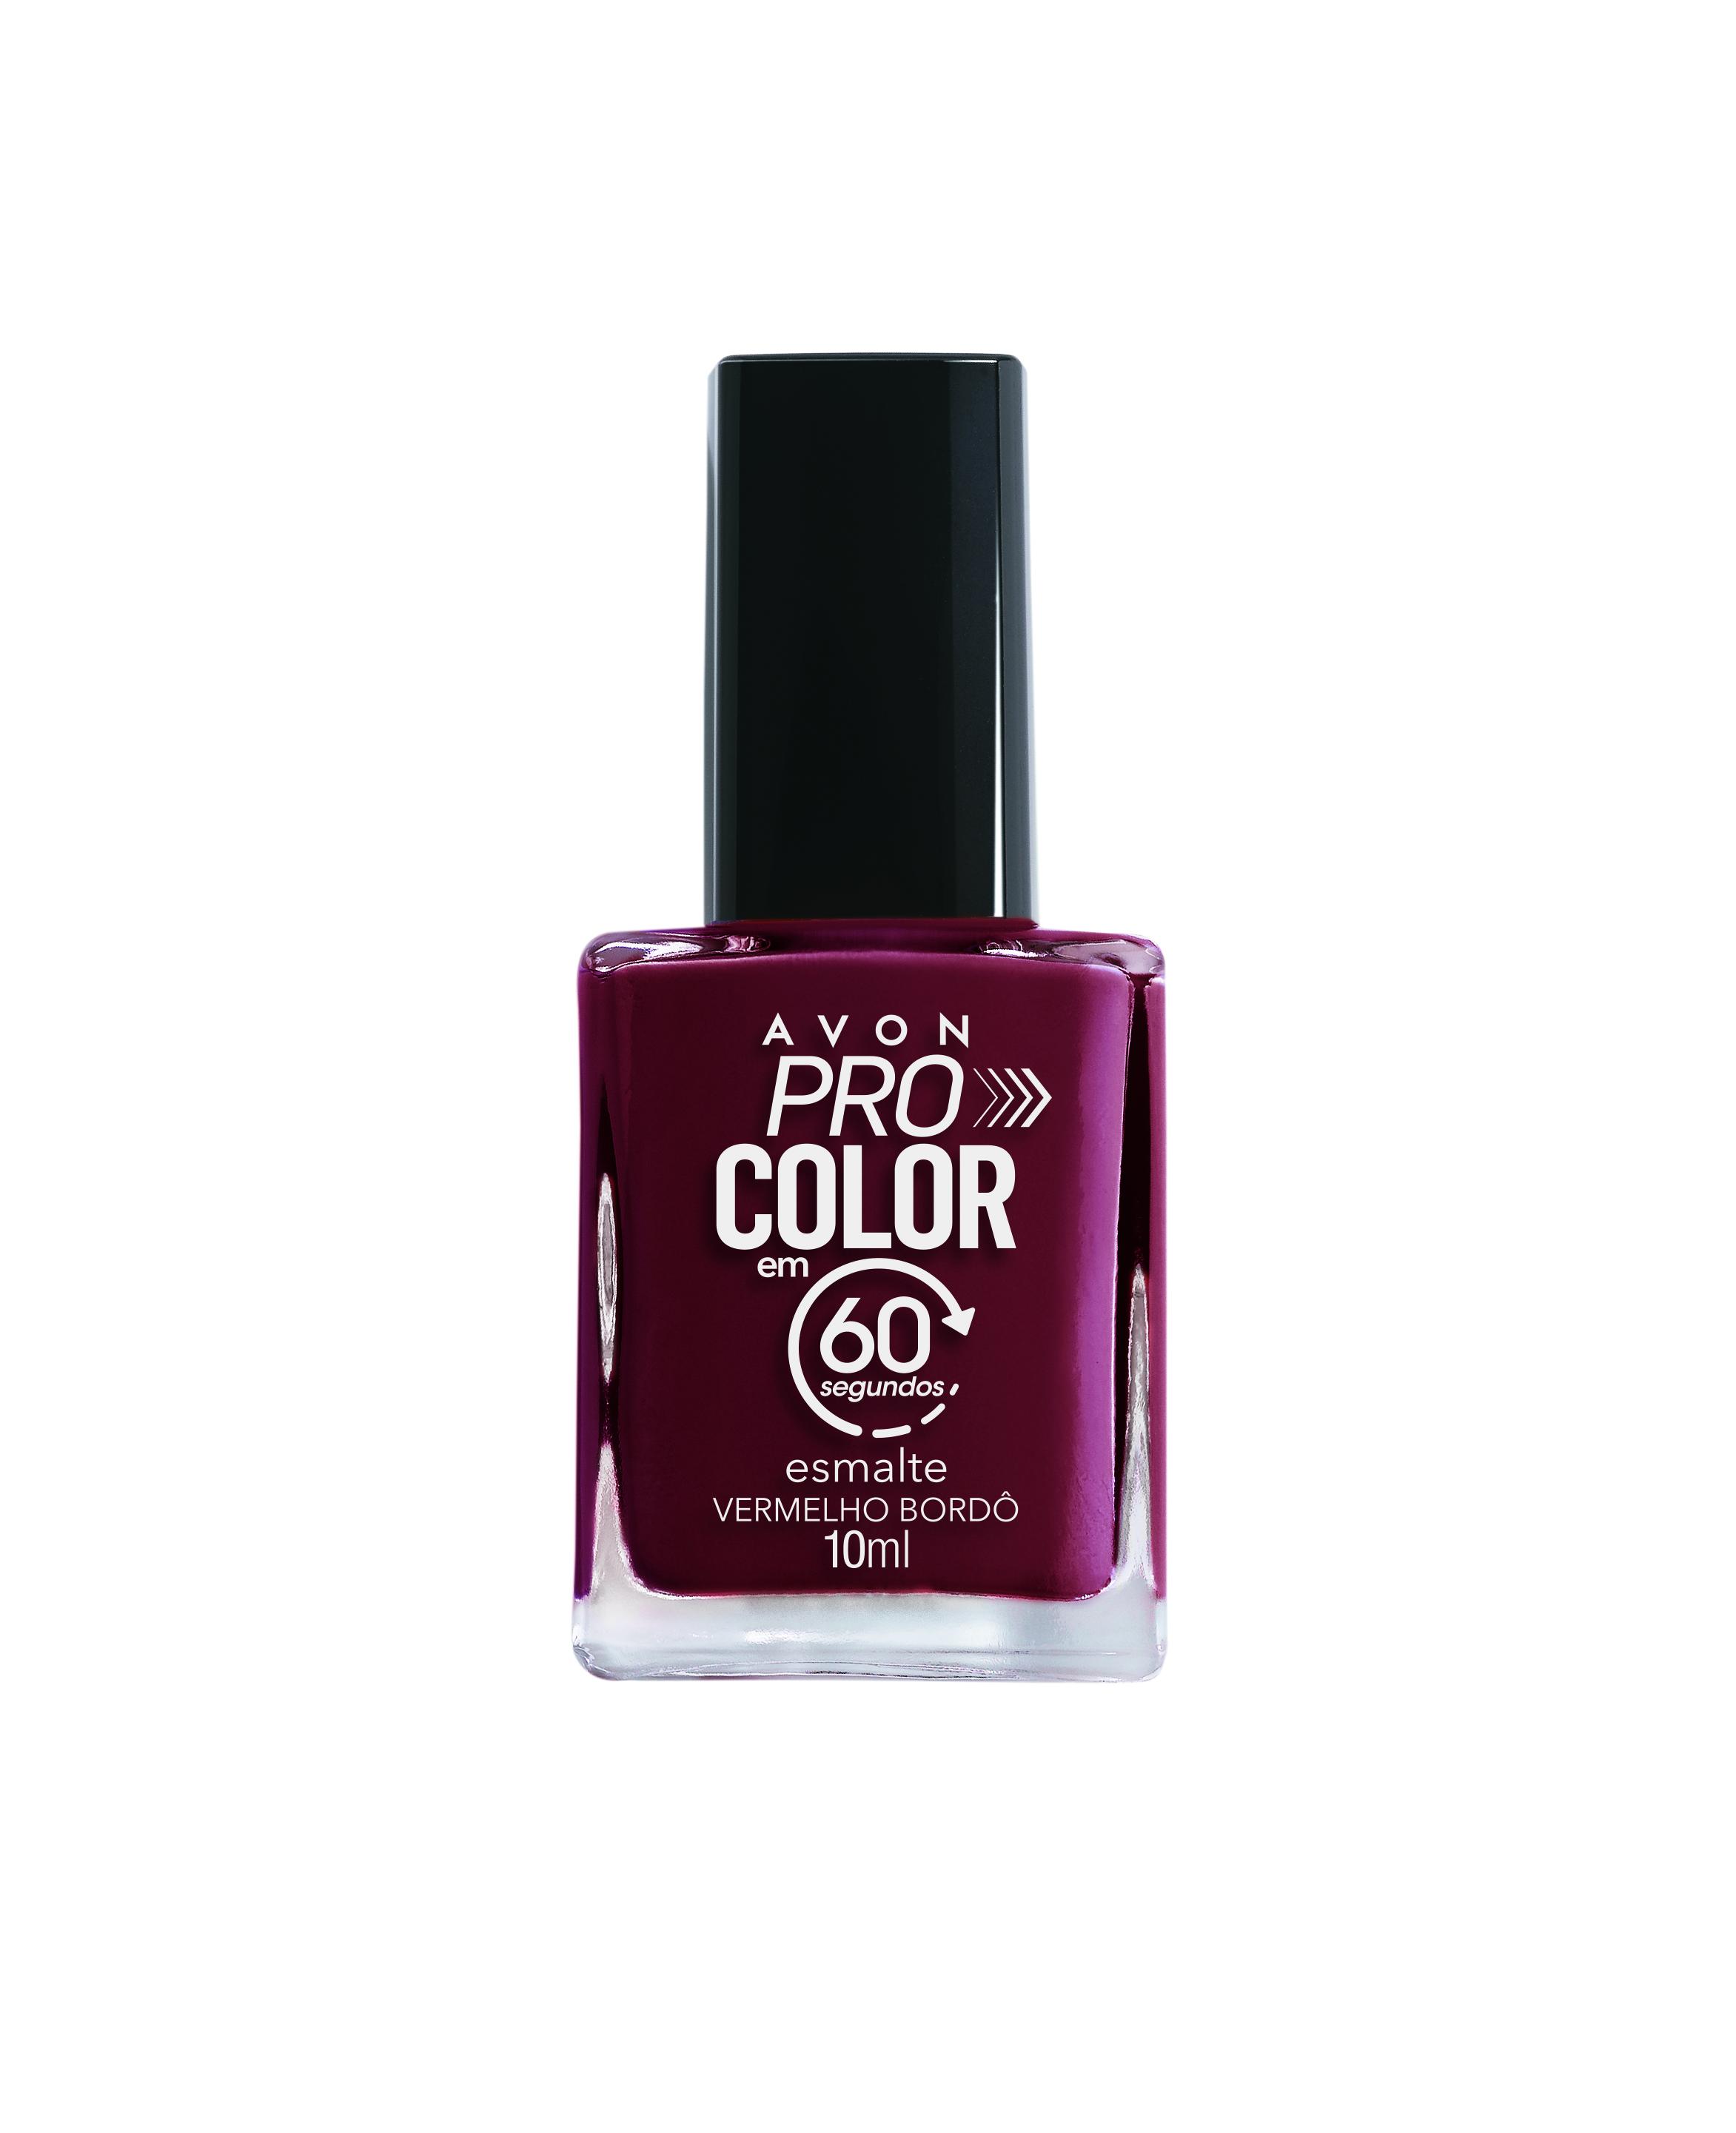 Avon Pro Color Esmalte 60s Bordô